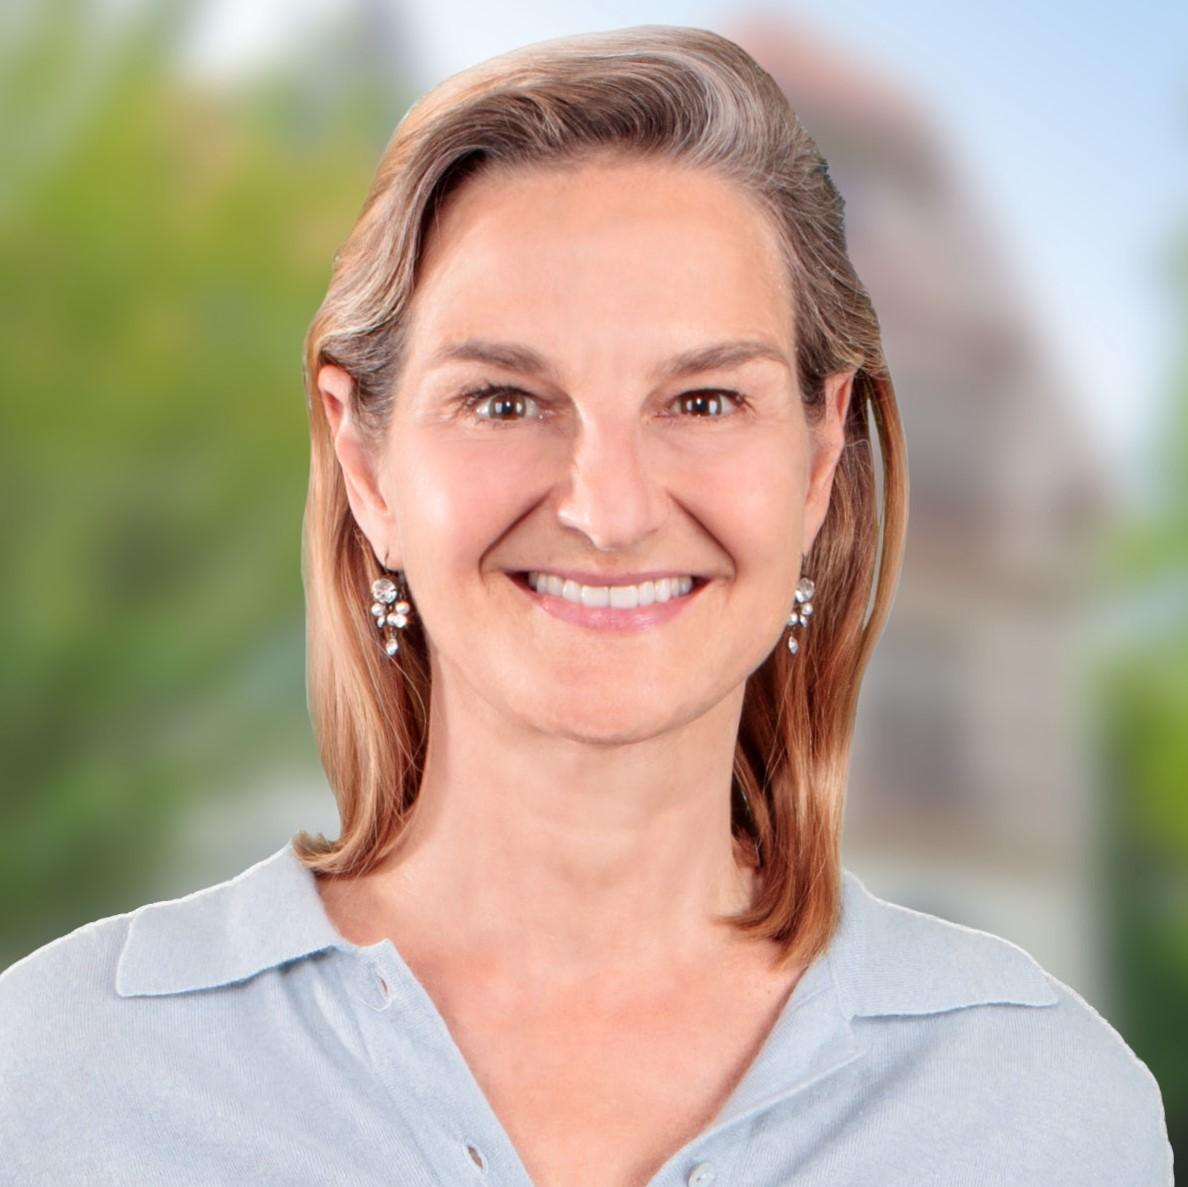 Abbildung von <h1>Dr. Patricia Peill</h1>